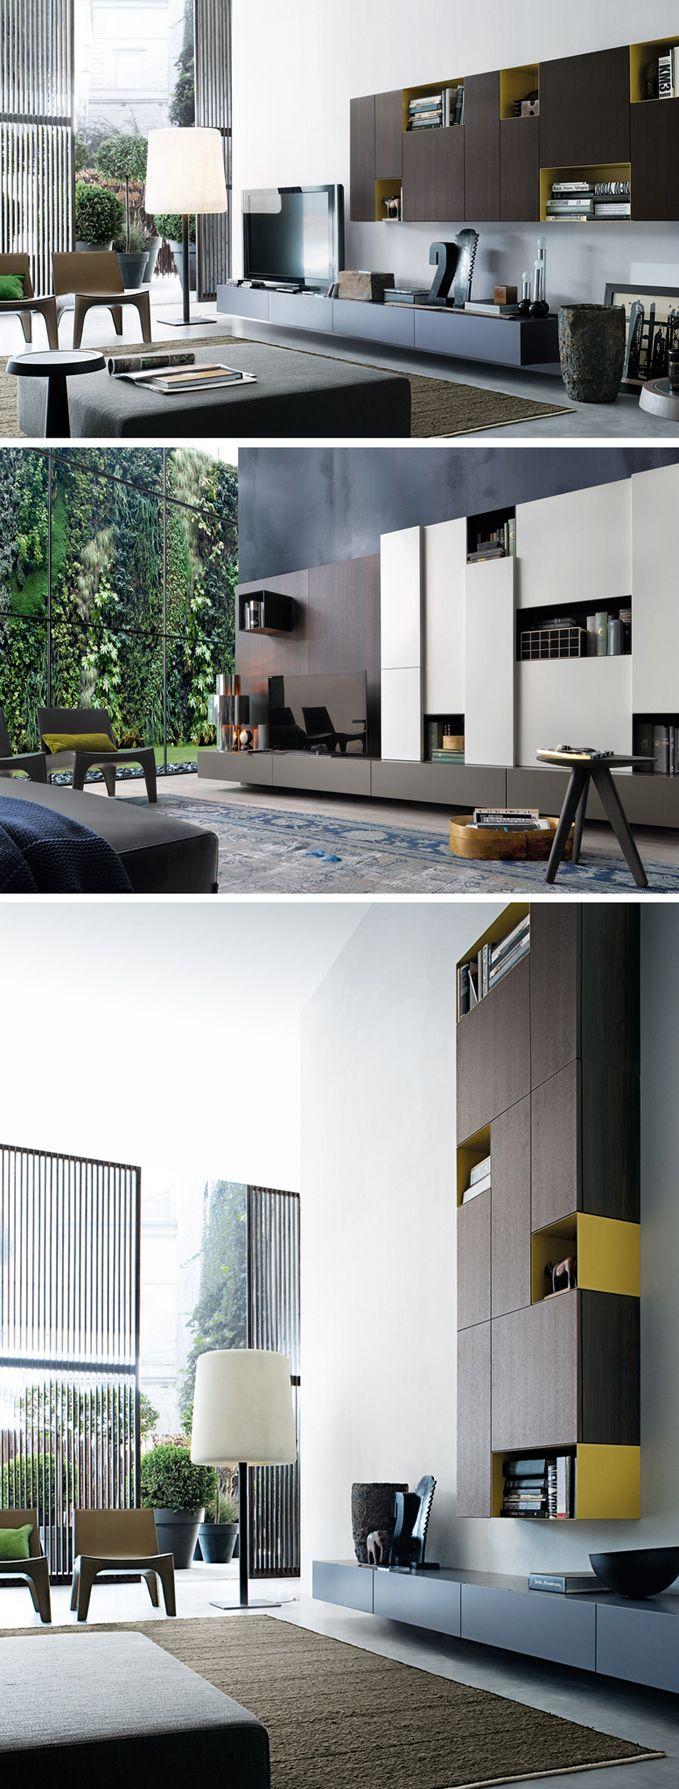 Innenarchitektur für schlafzimmer-tv-einheit contemporary tv wall unitsintesi by carlo colombo by poliform